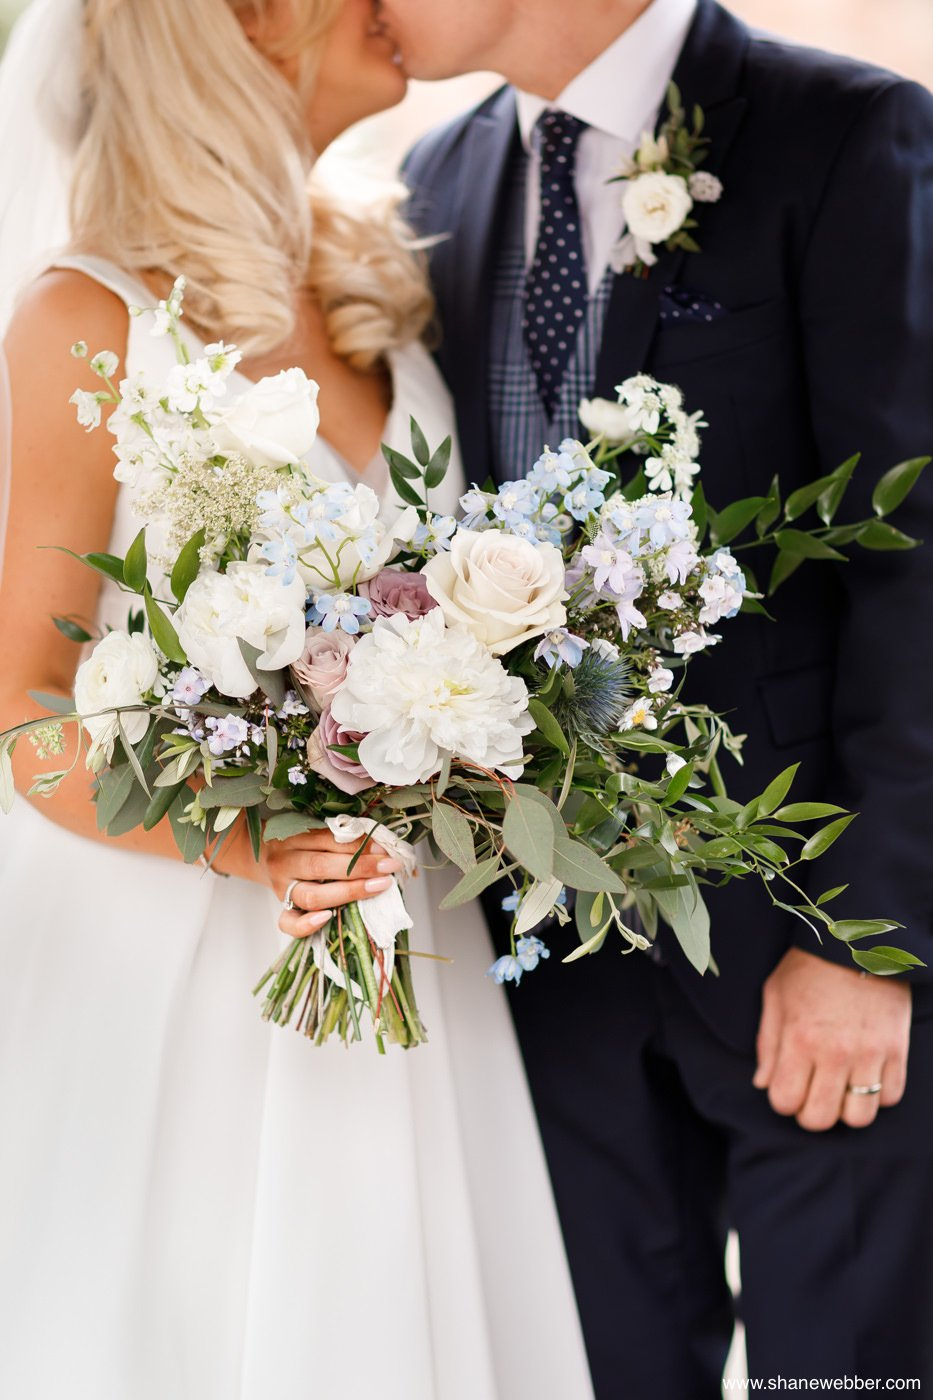 sassflower Manchester wedding flowers